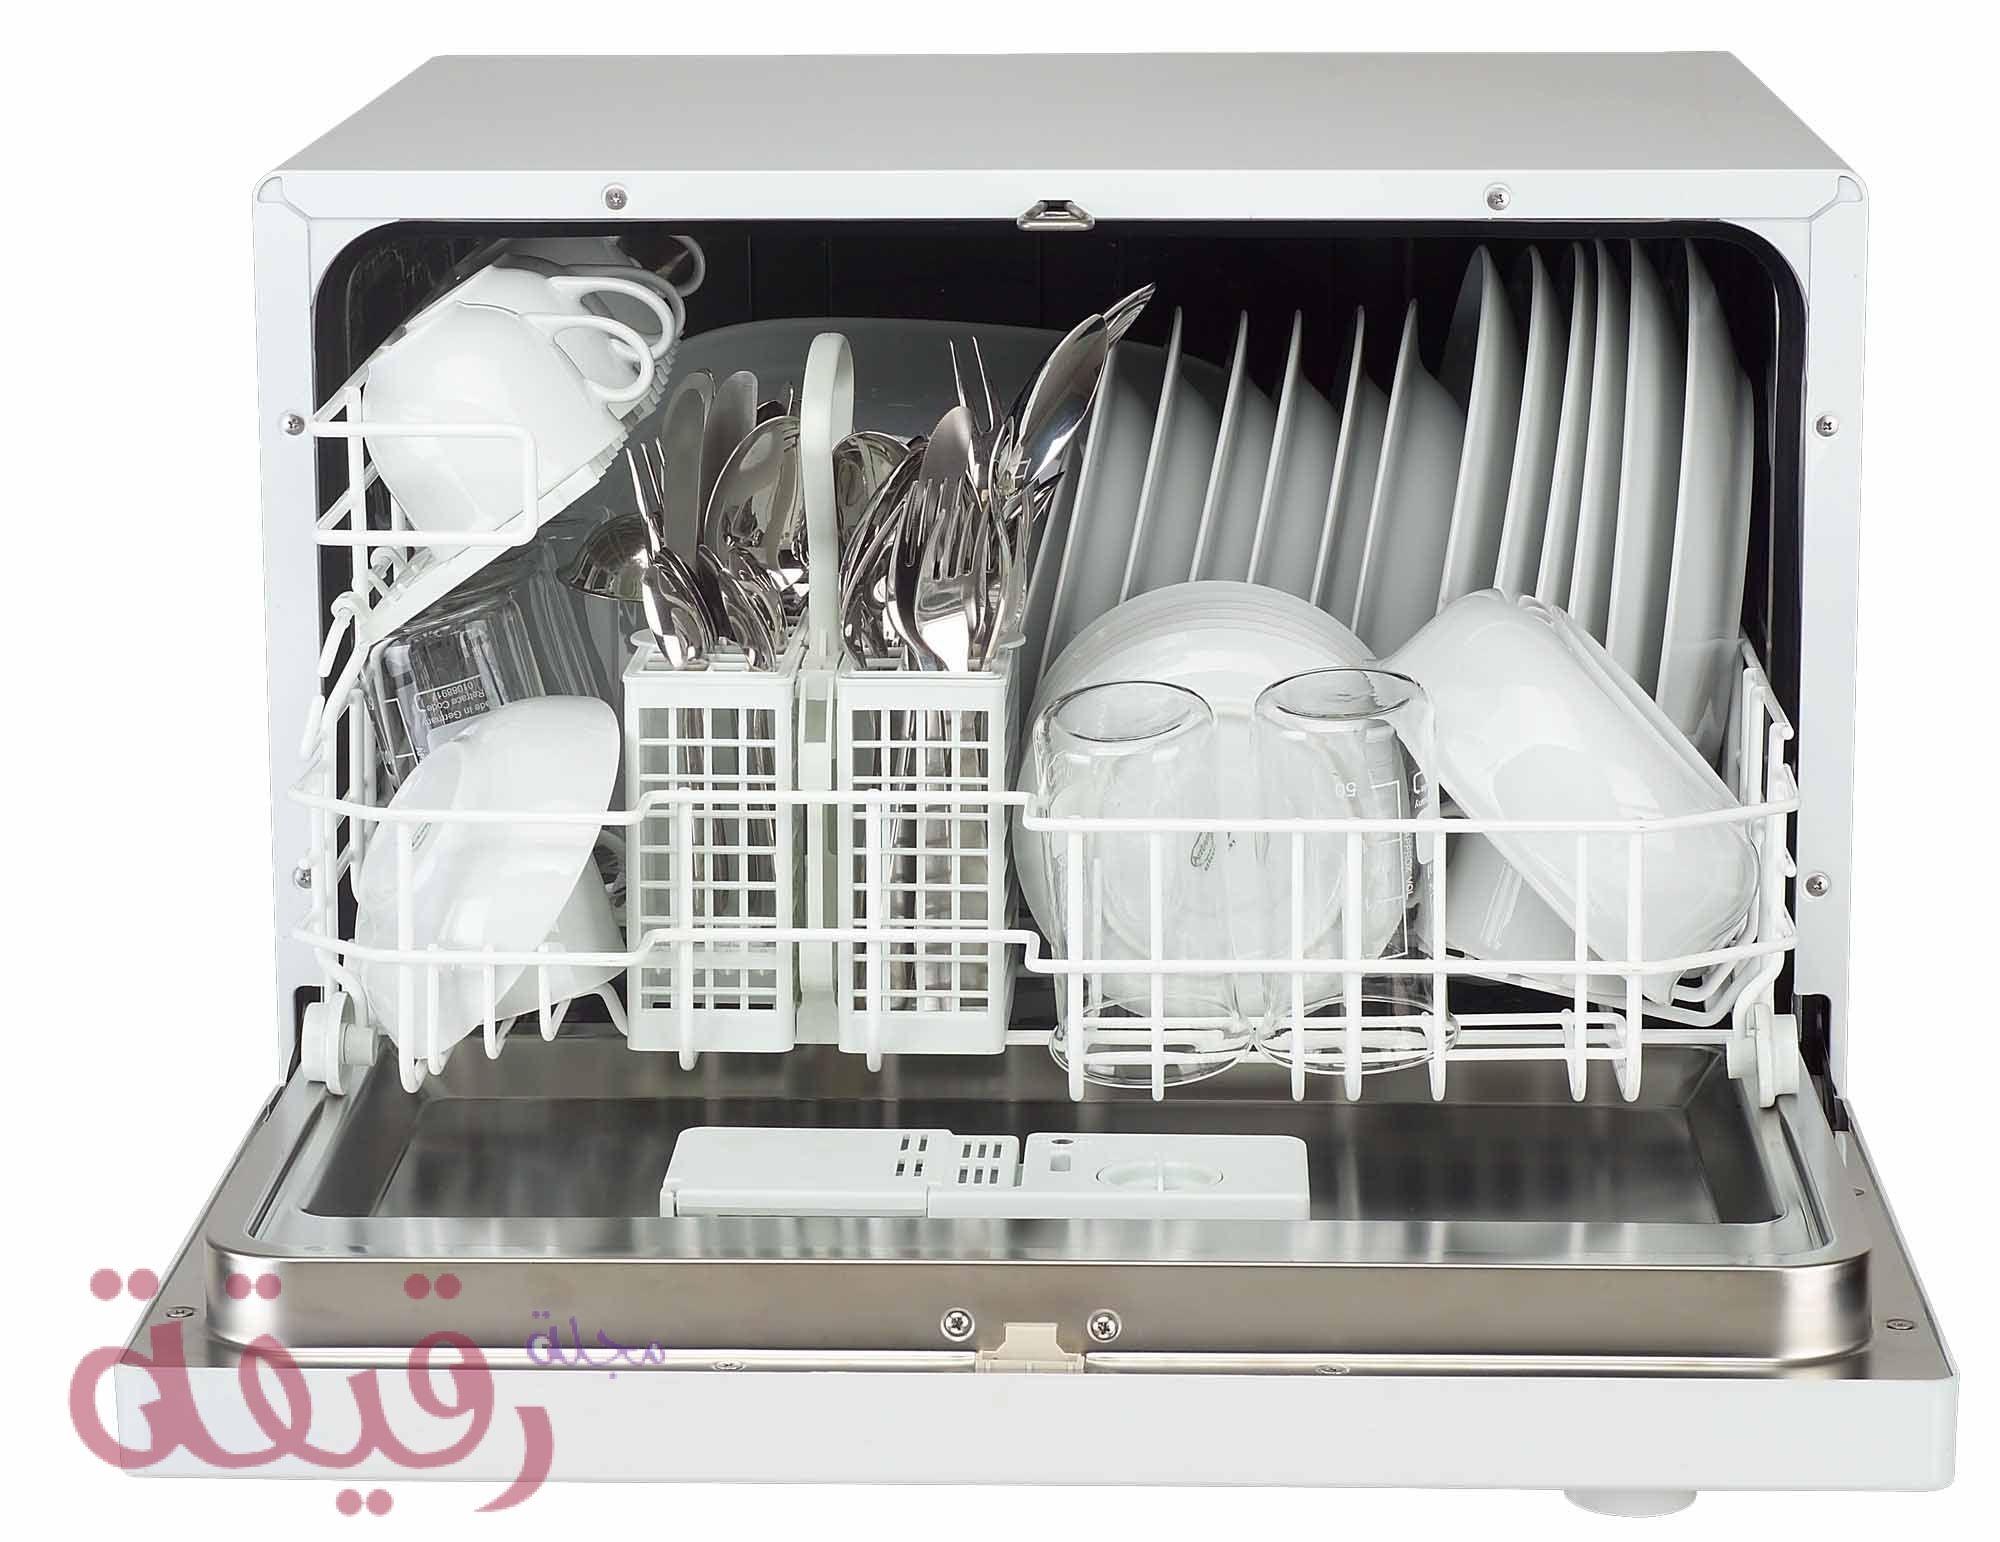 افضل غسالة صحون عن تجربه ونصائح هامة قبل الشراء Best Dishwasher Toaster Oven Kitchen Appliances